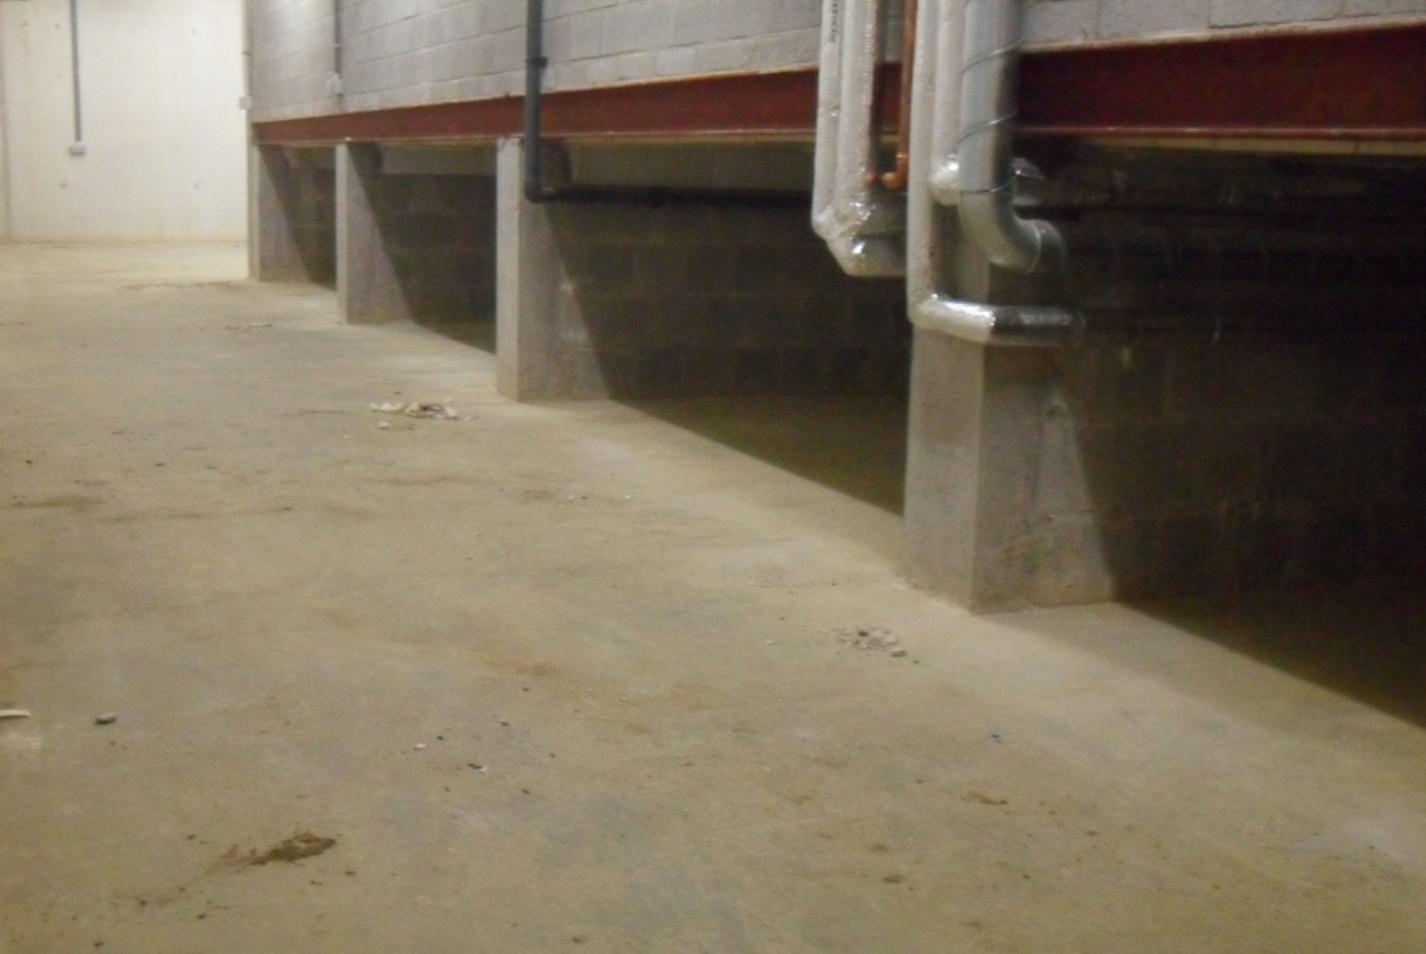 reinigen en onderhouden betonvloeren en betonkelders top cleaning. Black Bedroom Furniture Sets. Home Design Ideas